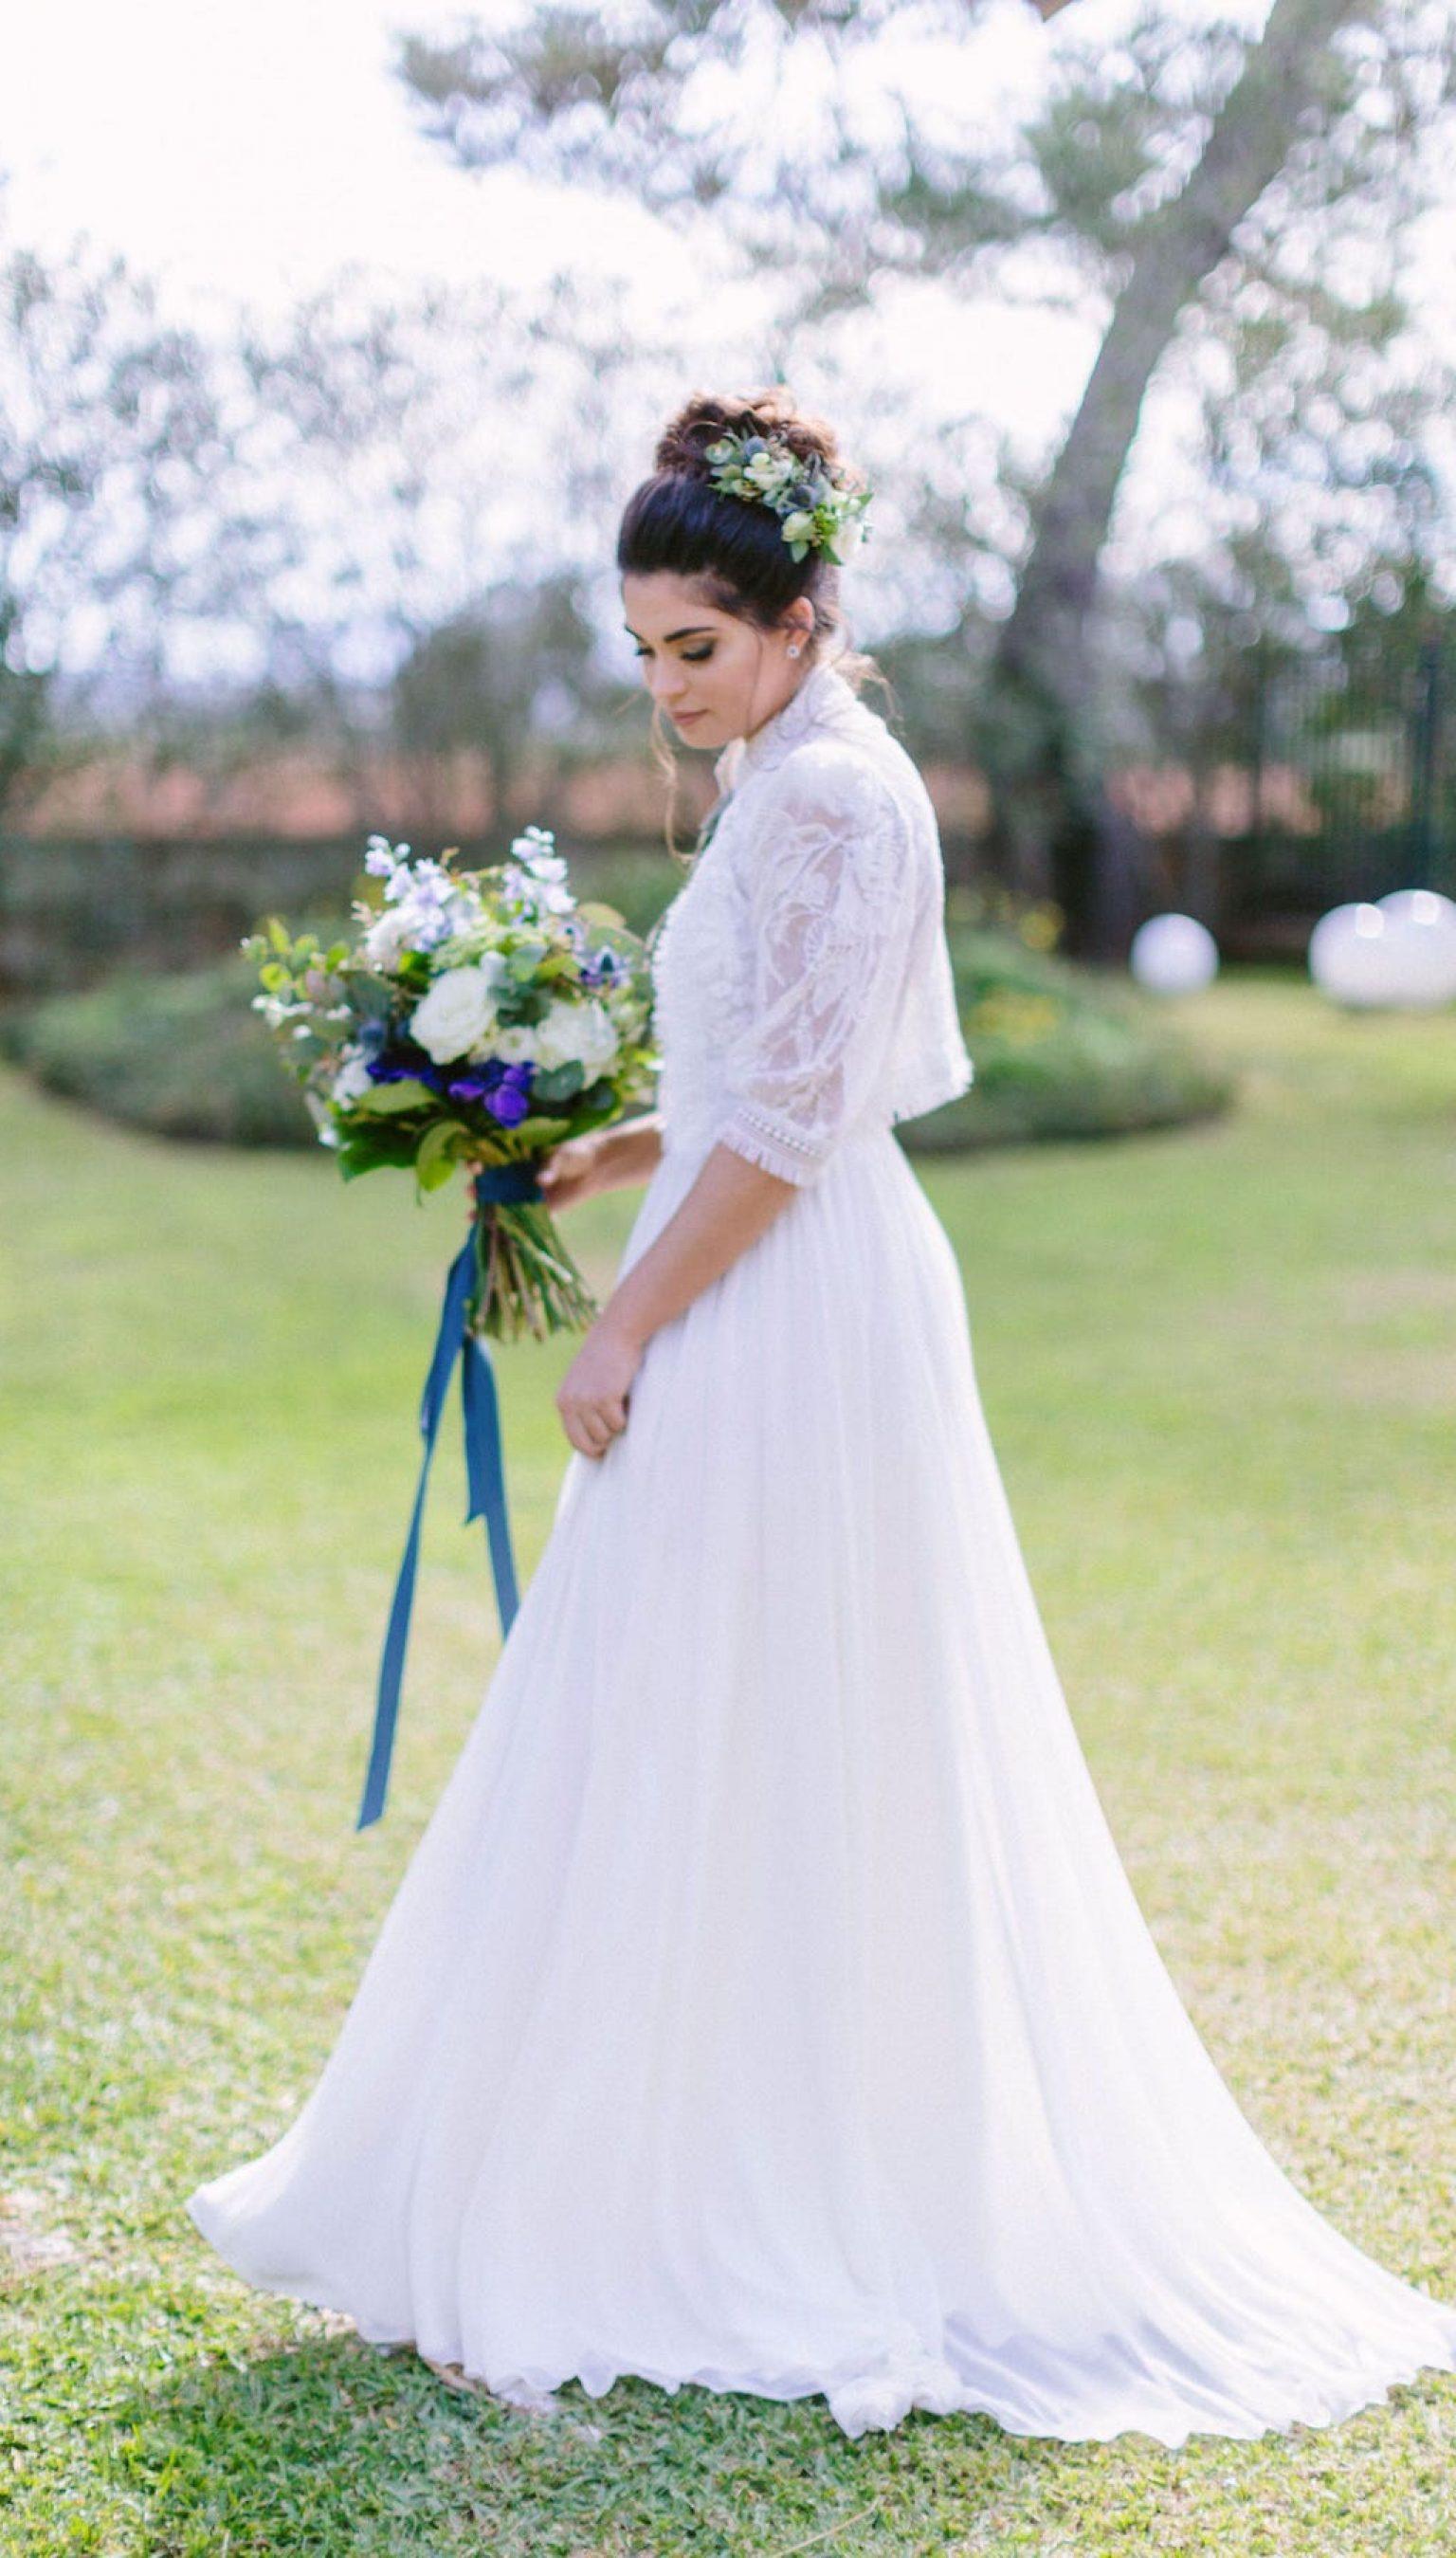 inspiración para ramos de novia y vestidos de novia para bodas románticas en Mallorca